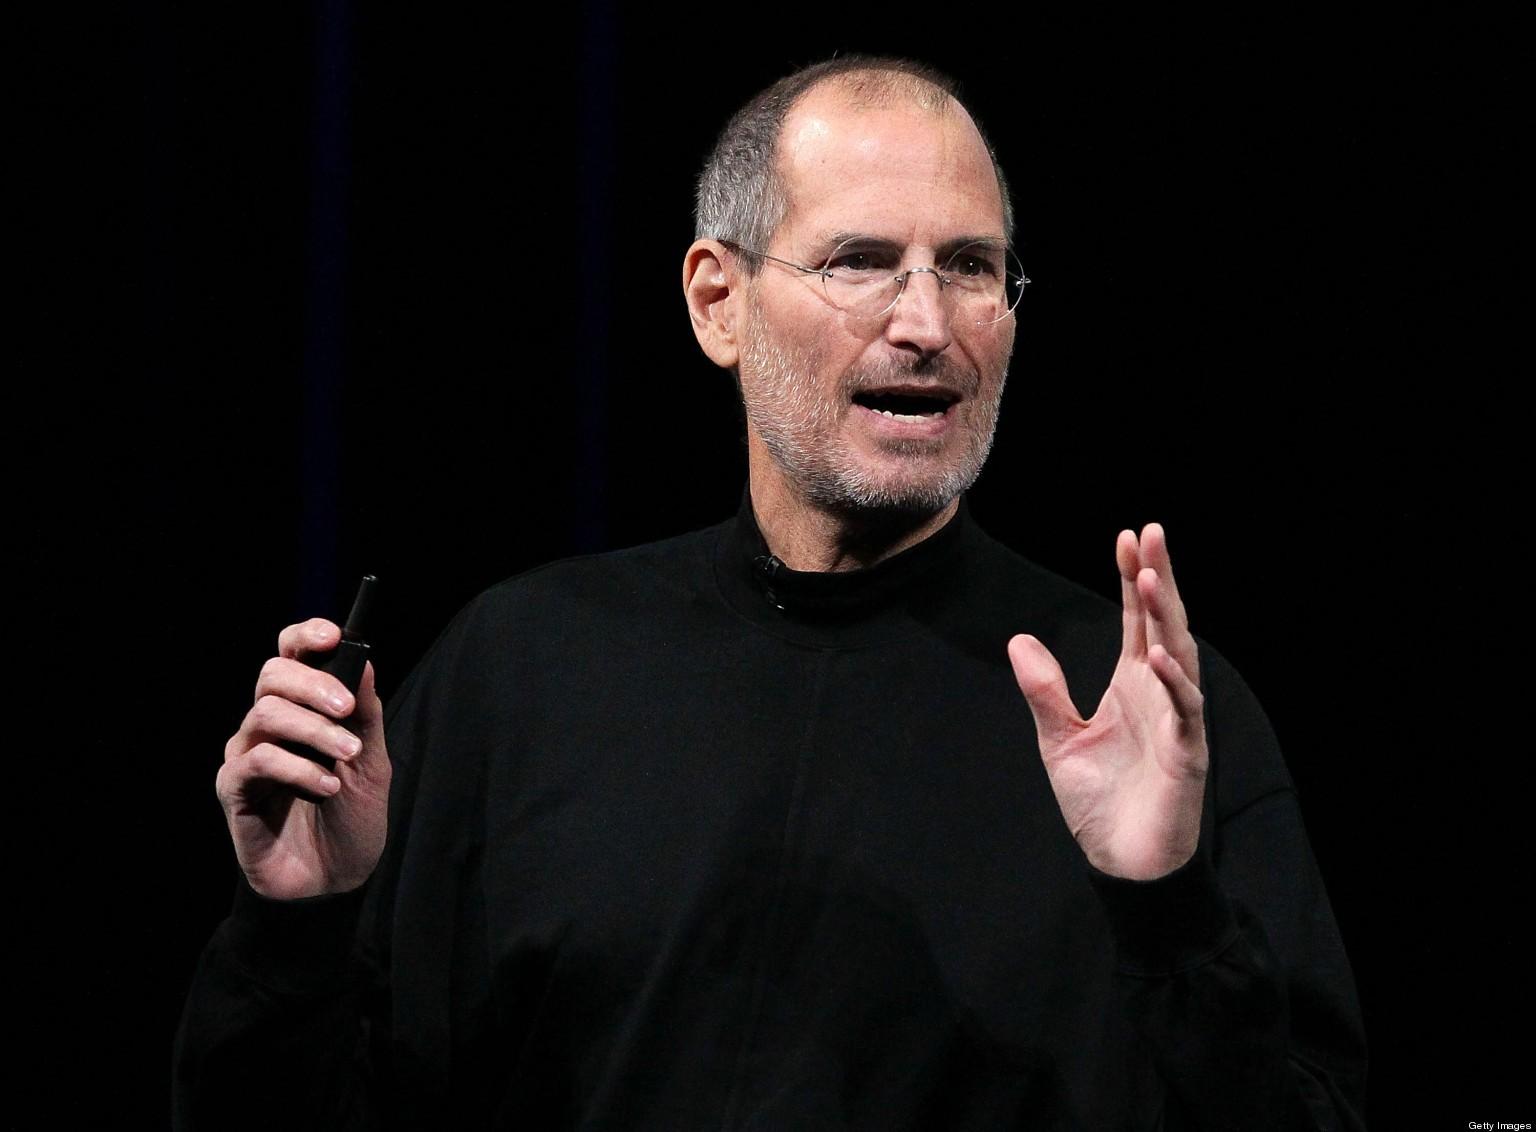 Steve Jobs in njegov legendarni pulover z visokim ovratnikom.